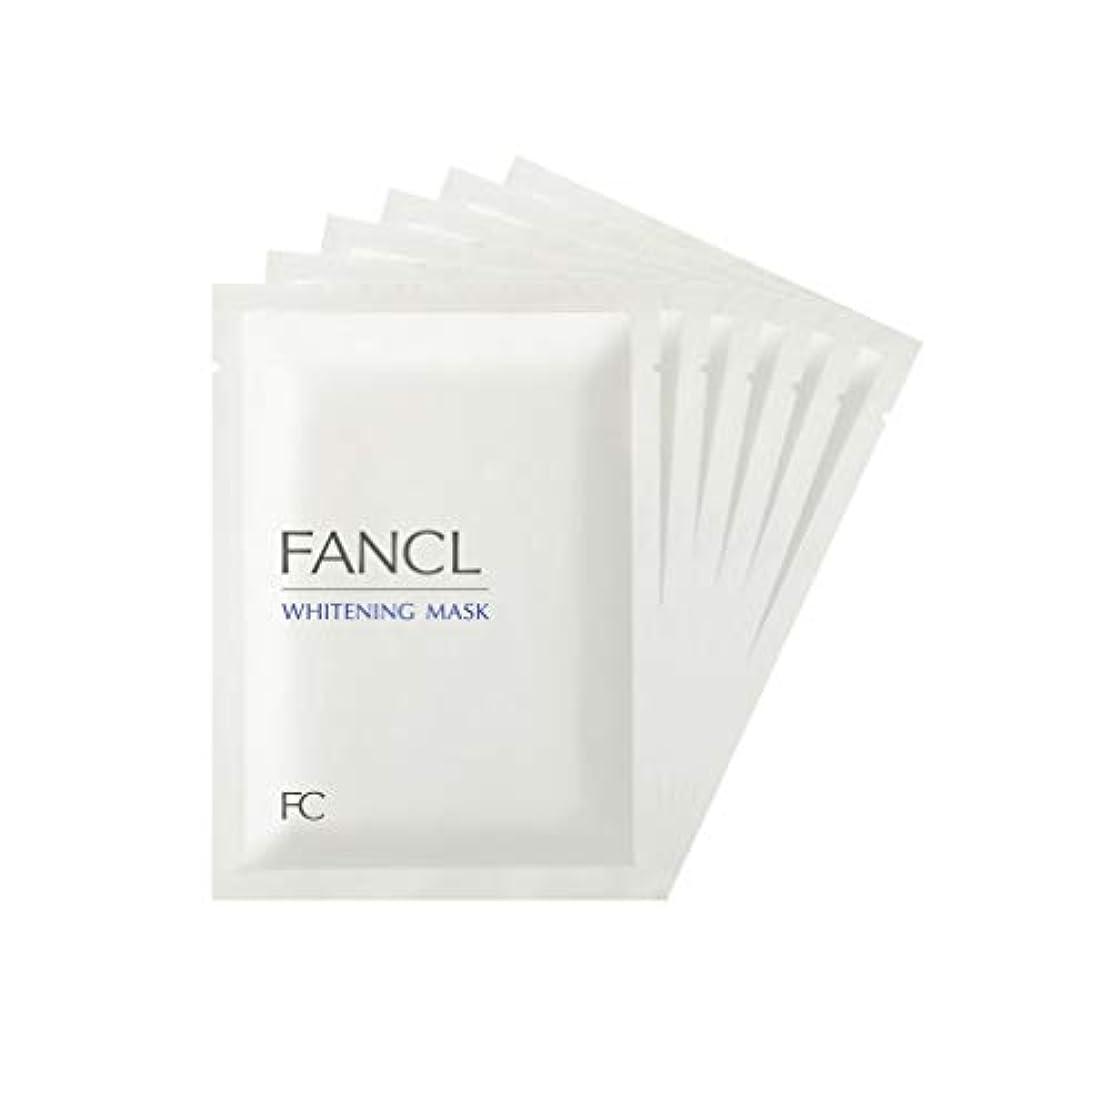 超音速エッセンス時系列ファンケル (FANCL) 新 ホワイトニング マスク 6枚セット (21mL×6) 【医薬部外品】